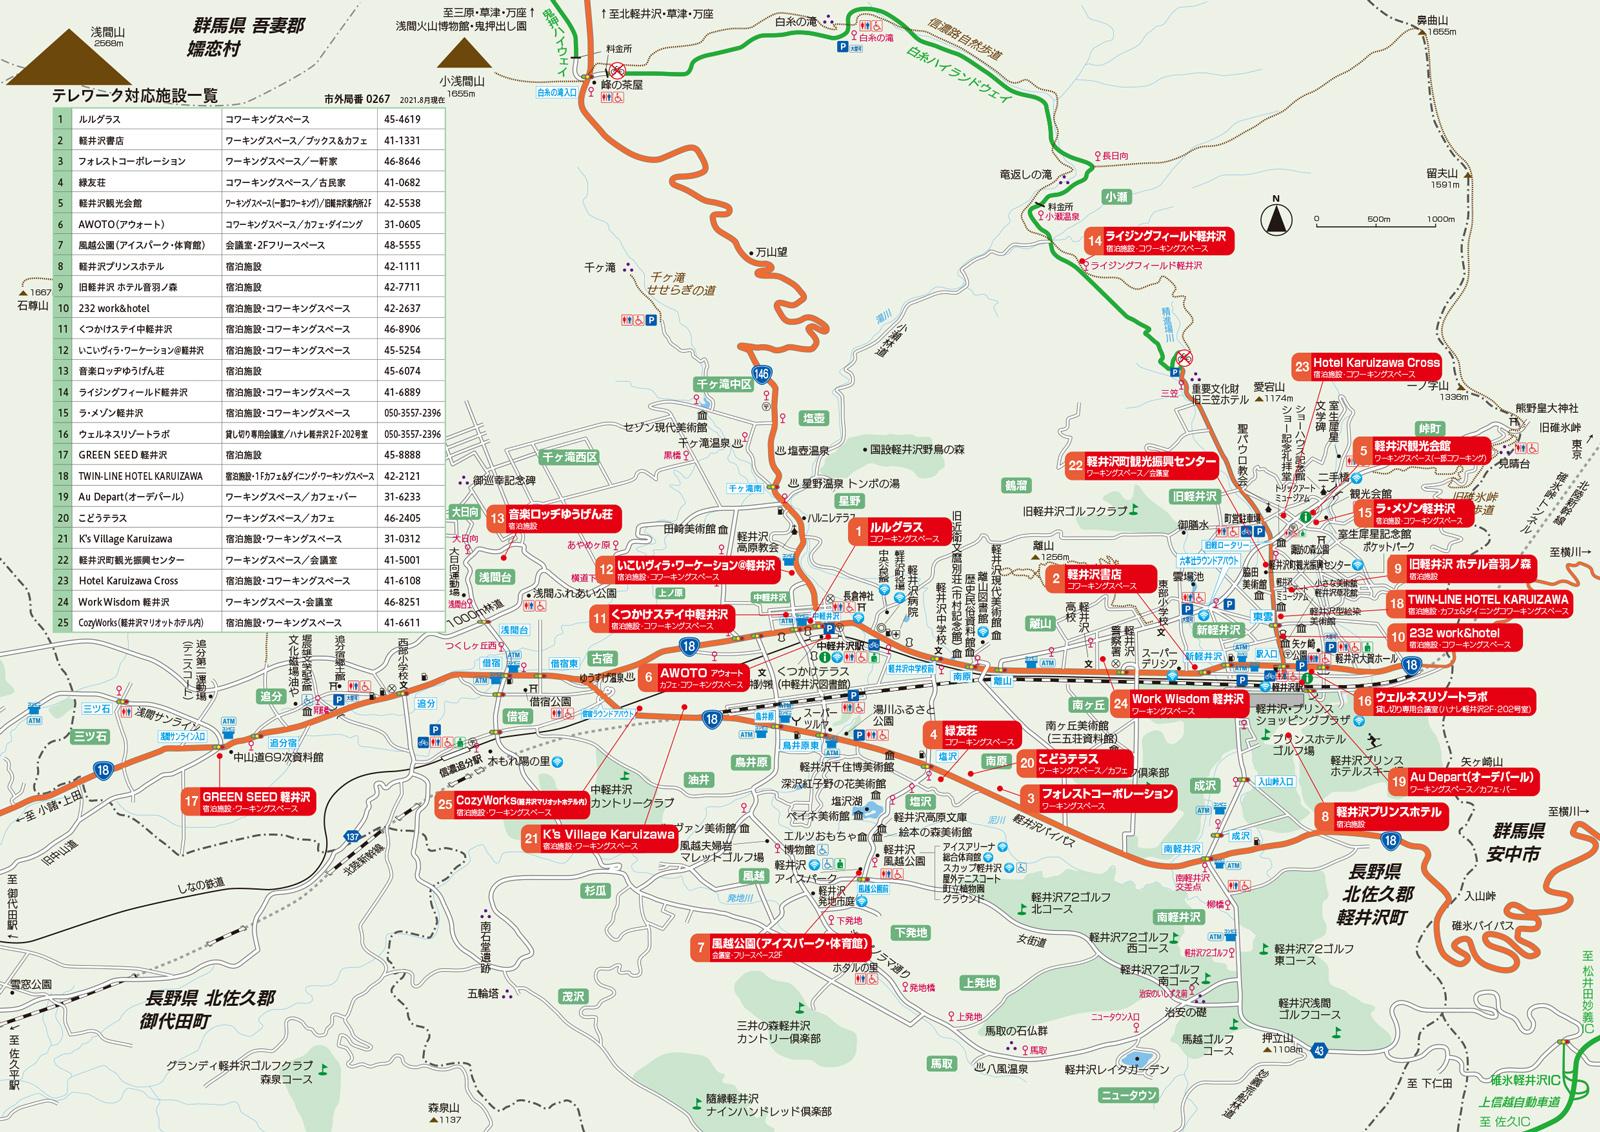 施設案内地図